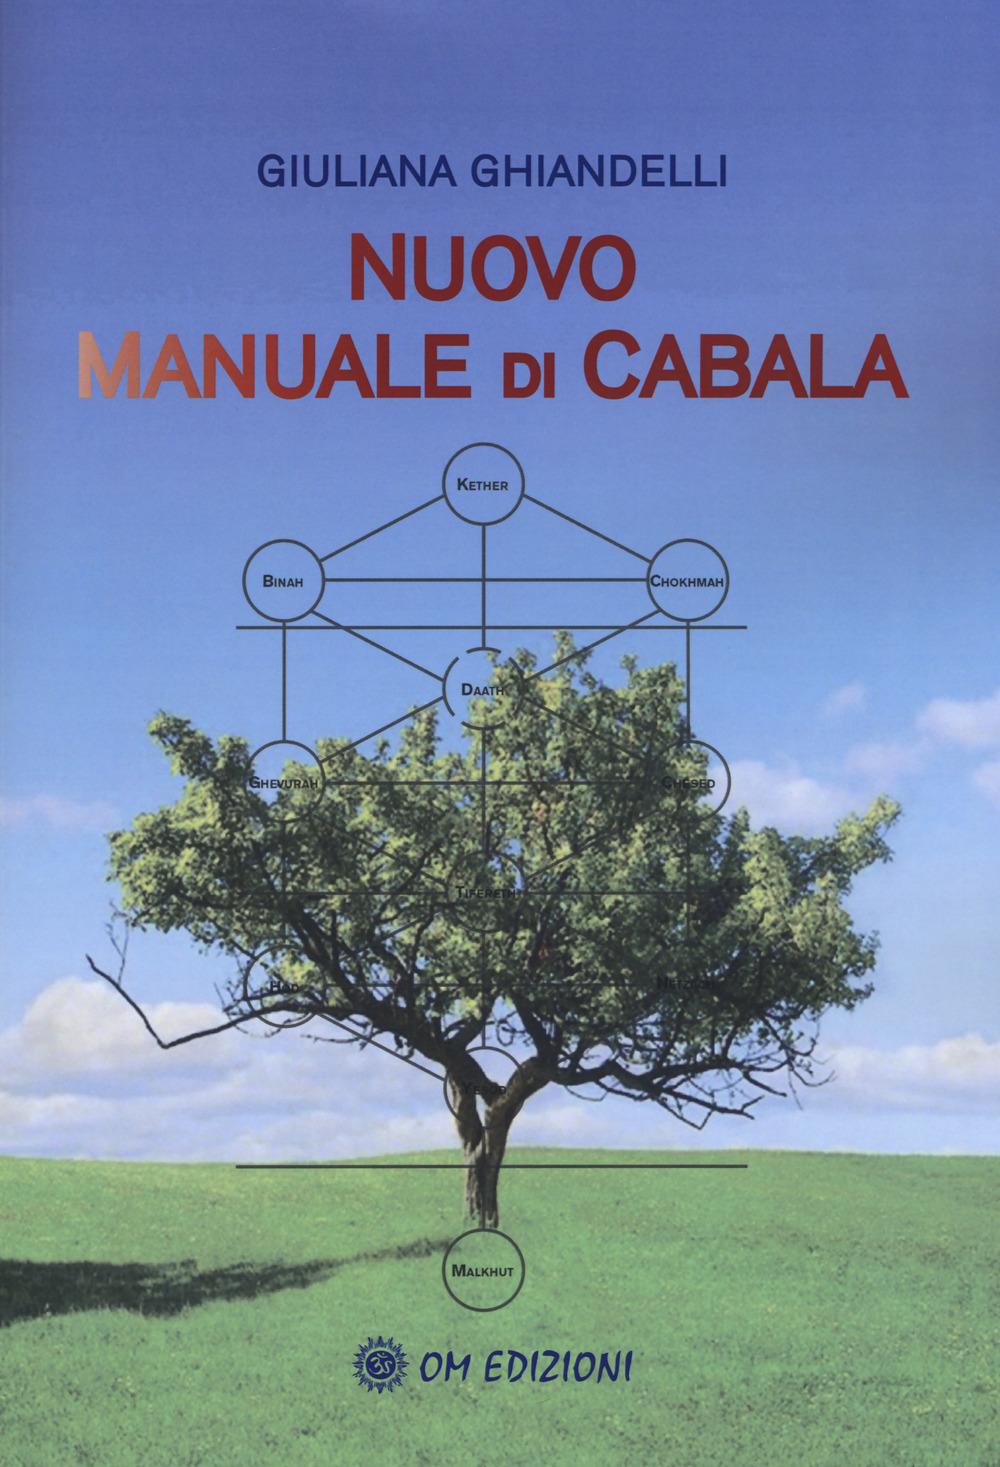 NUOVO MANUALE DI CABALA - Ghiandelli Giuliana - 9788894975031